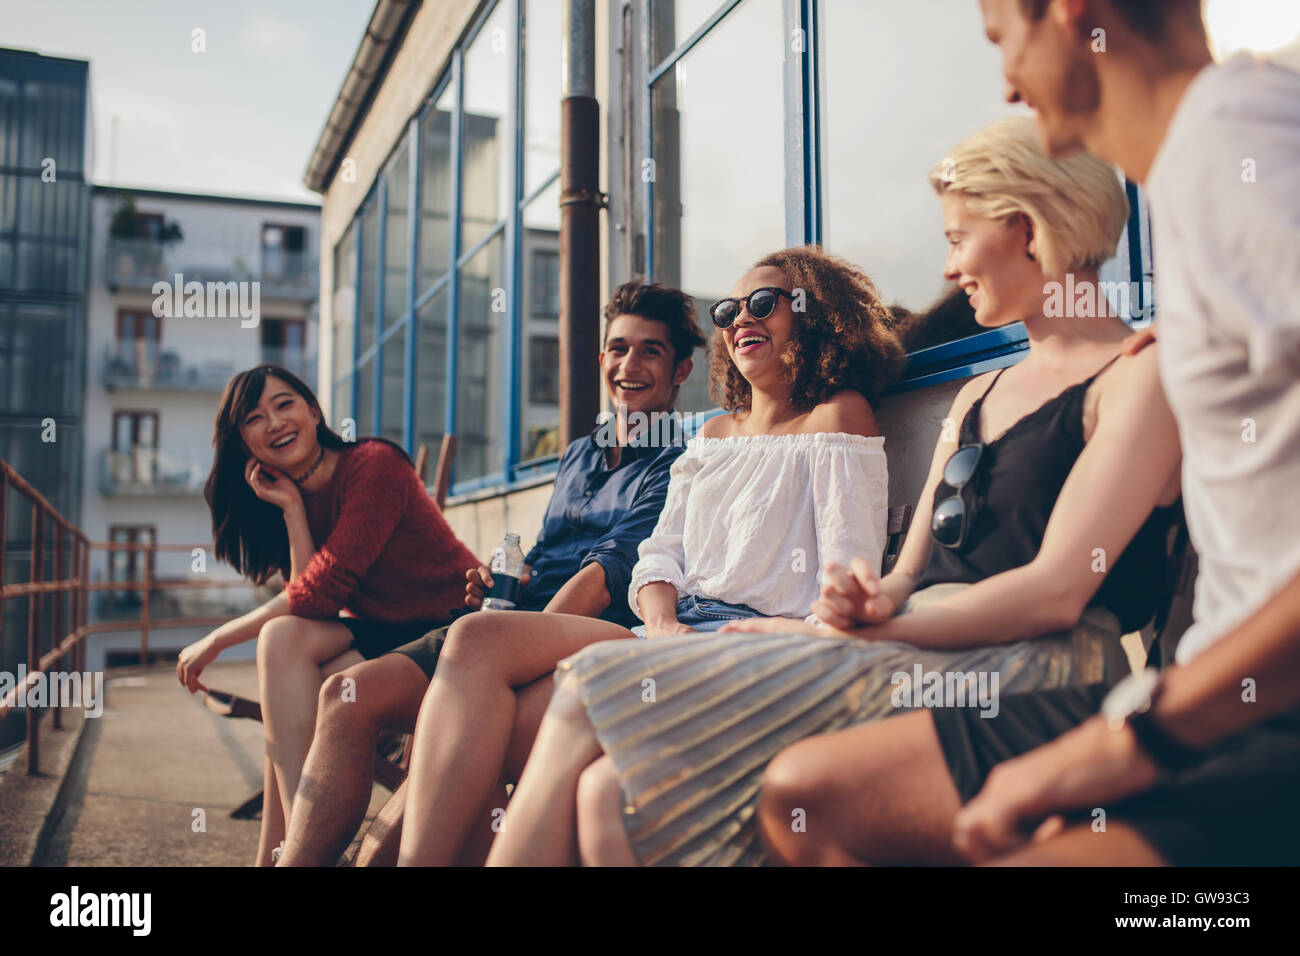 Groupe multiracial d'amis assis en balcon et souriant. Les jeunes de détente en plein air en terrasse. Photo Stock